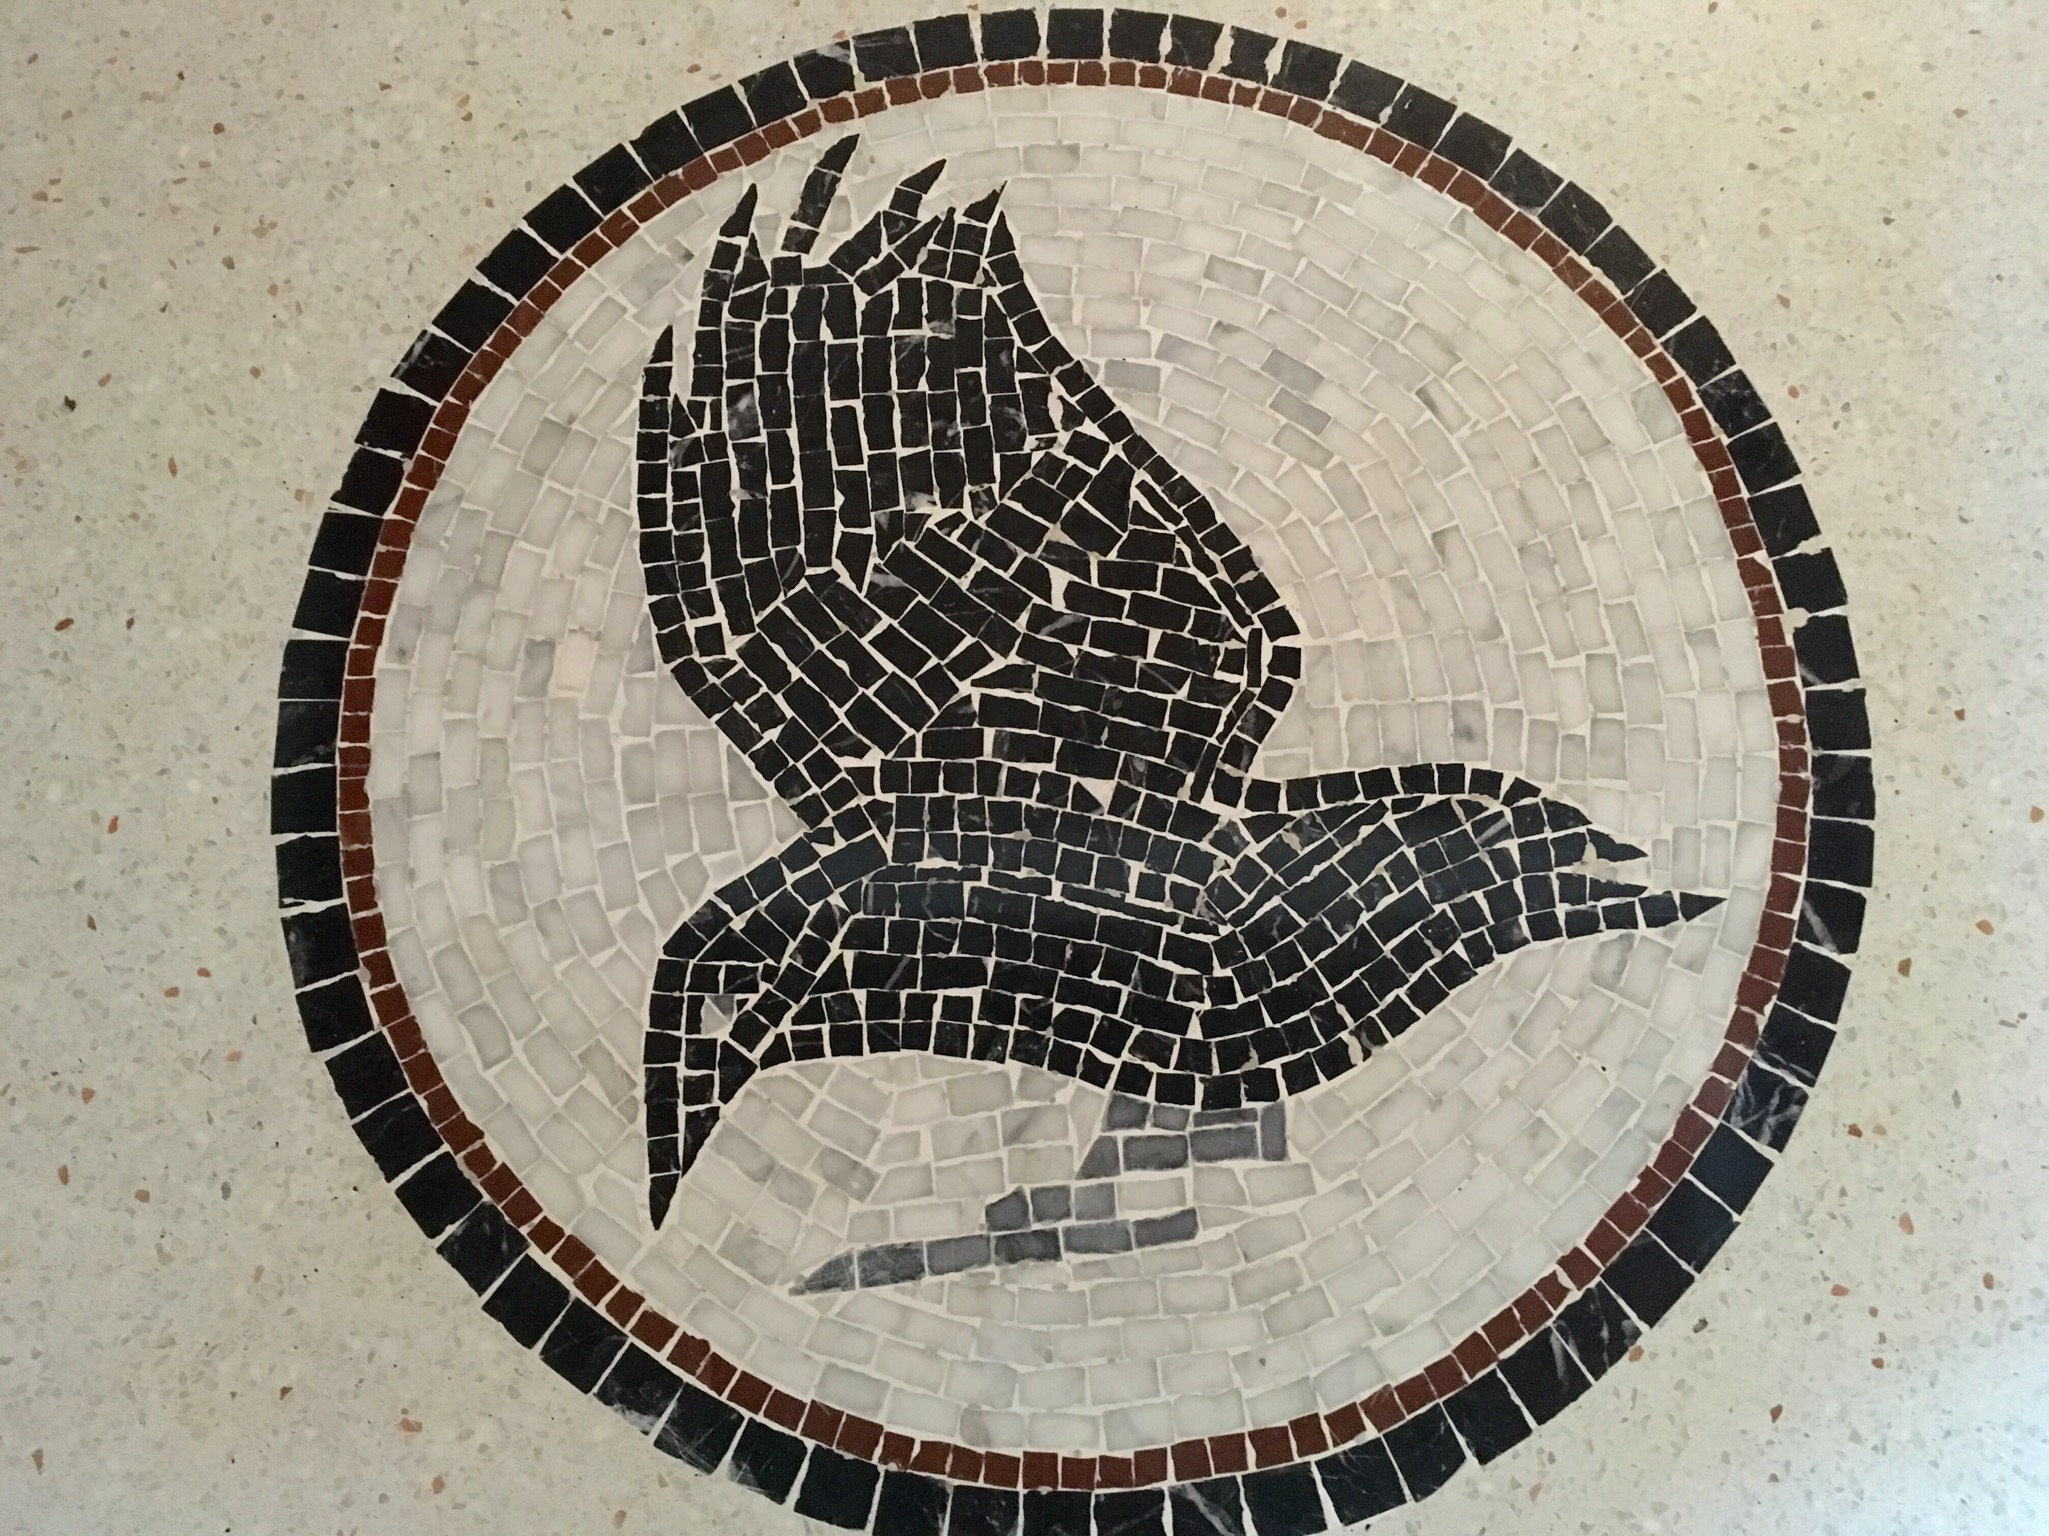 Mosaikkunstwerke terrazzob den - Poolbau saarland ...